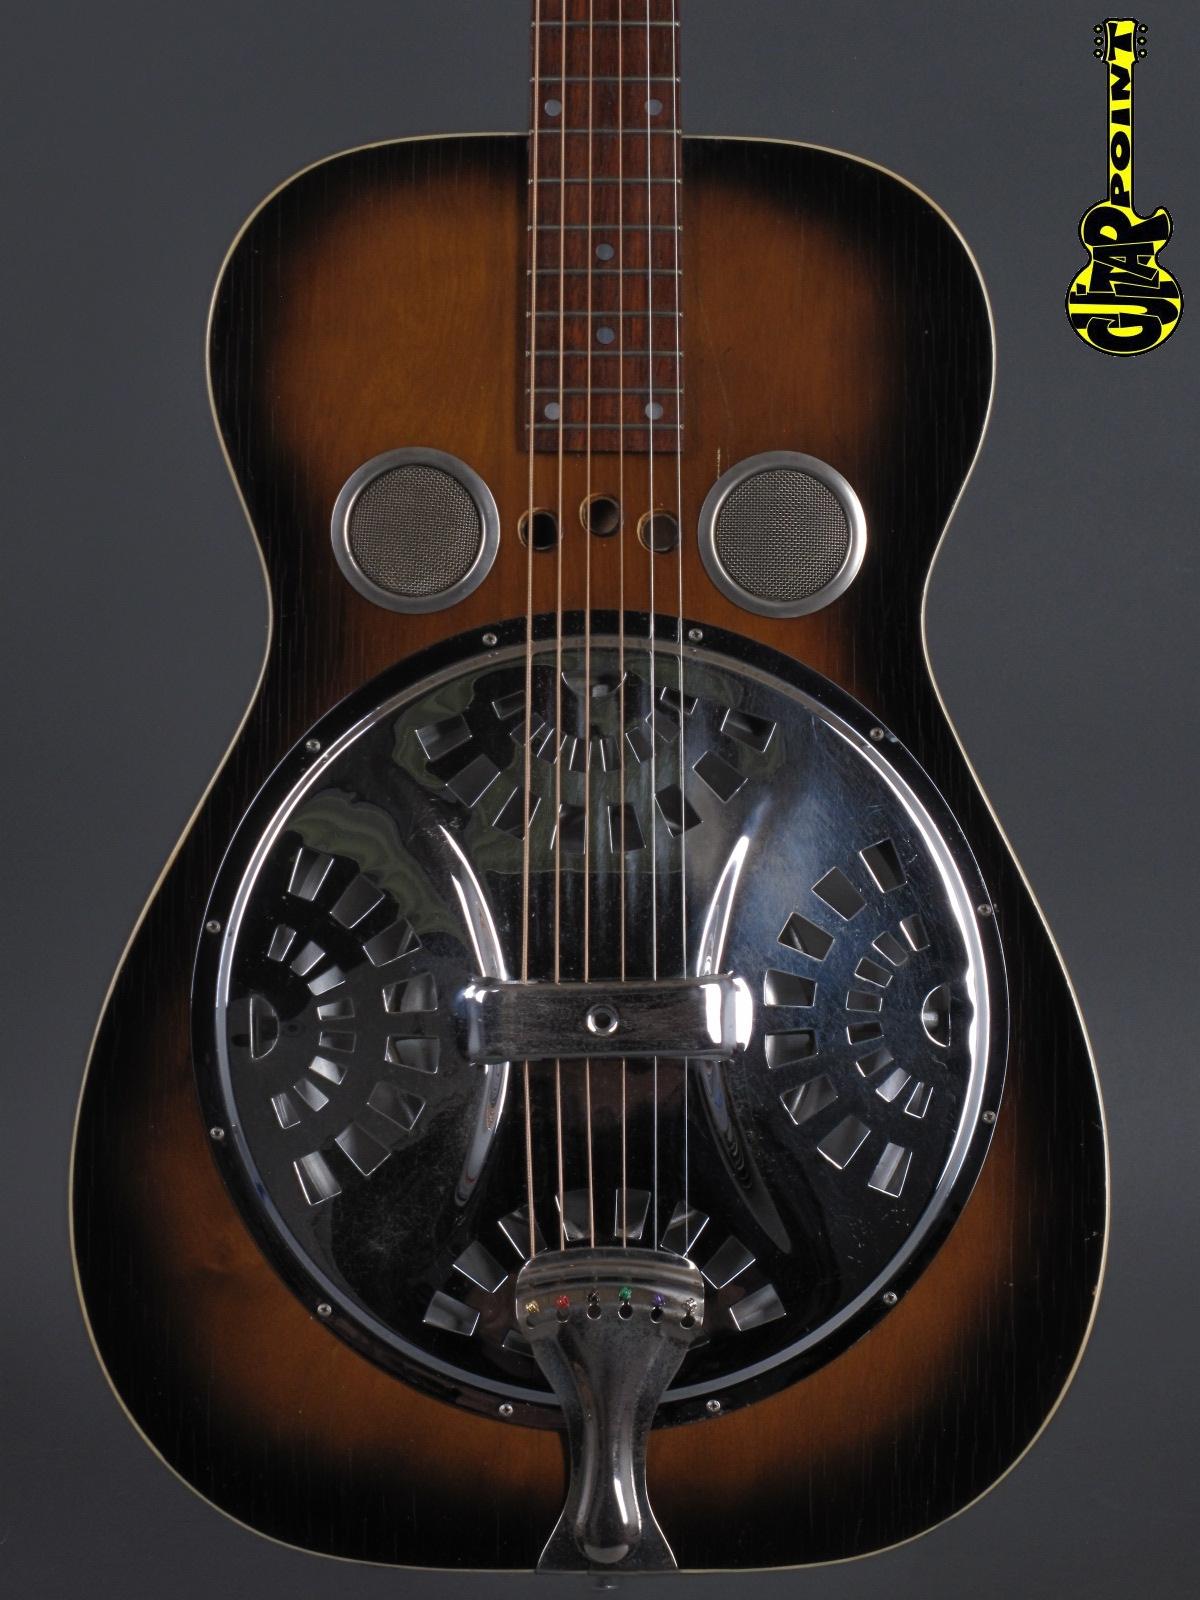 1972 Dobro Model D60 - Square neck